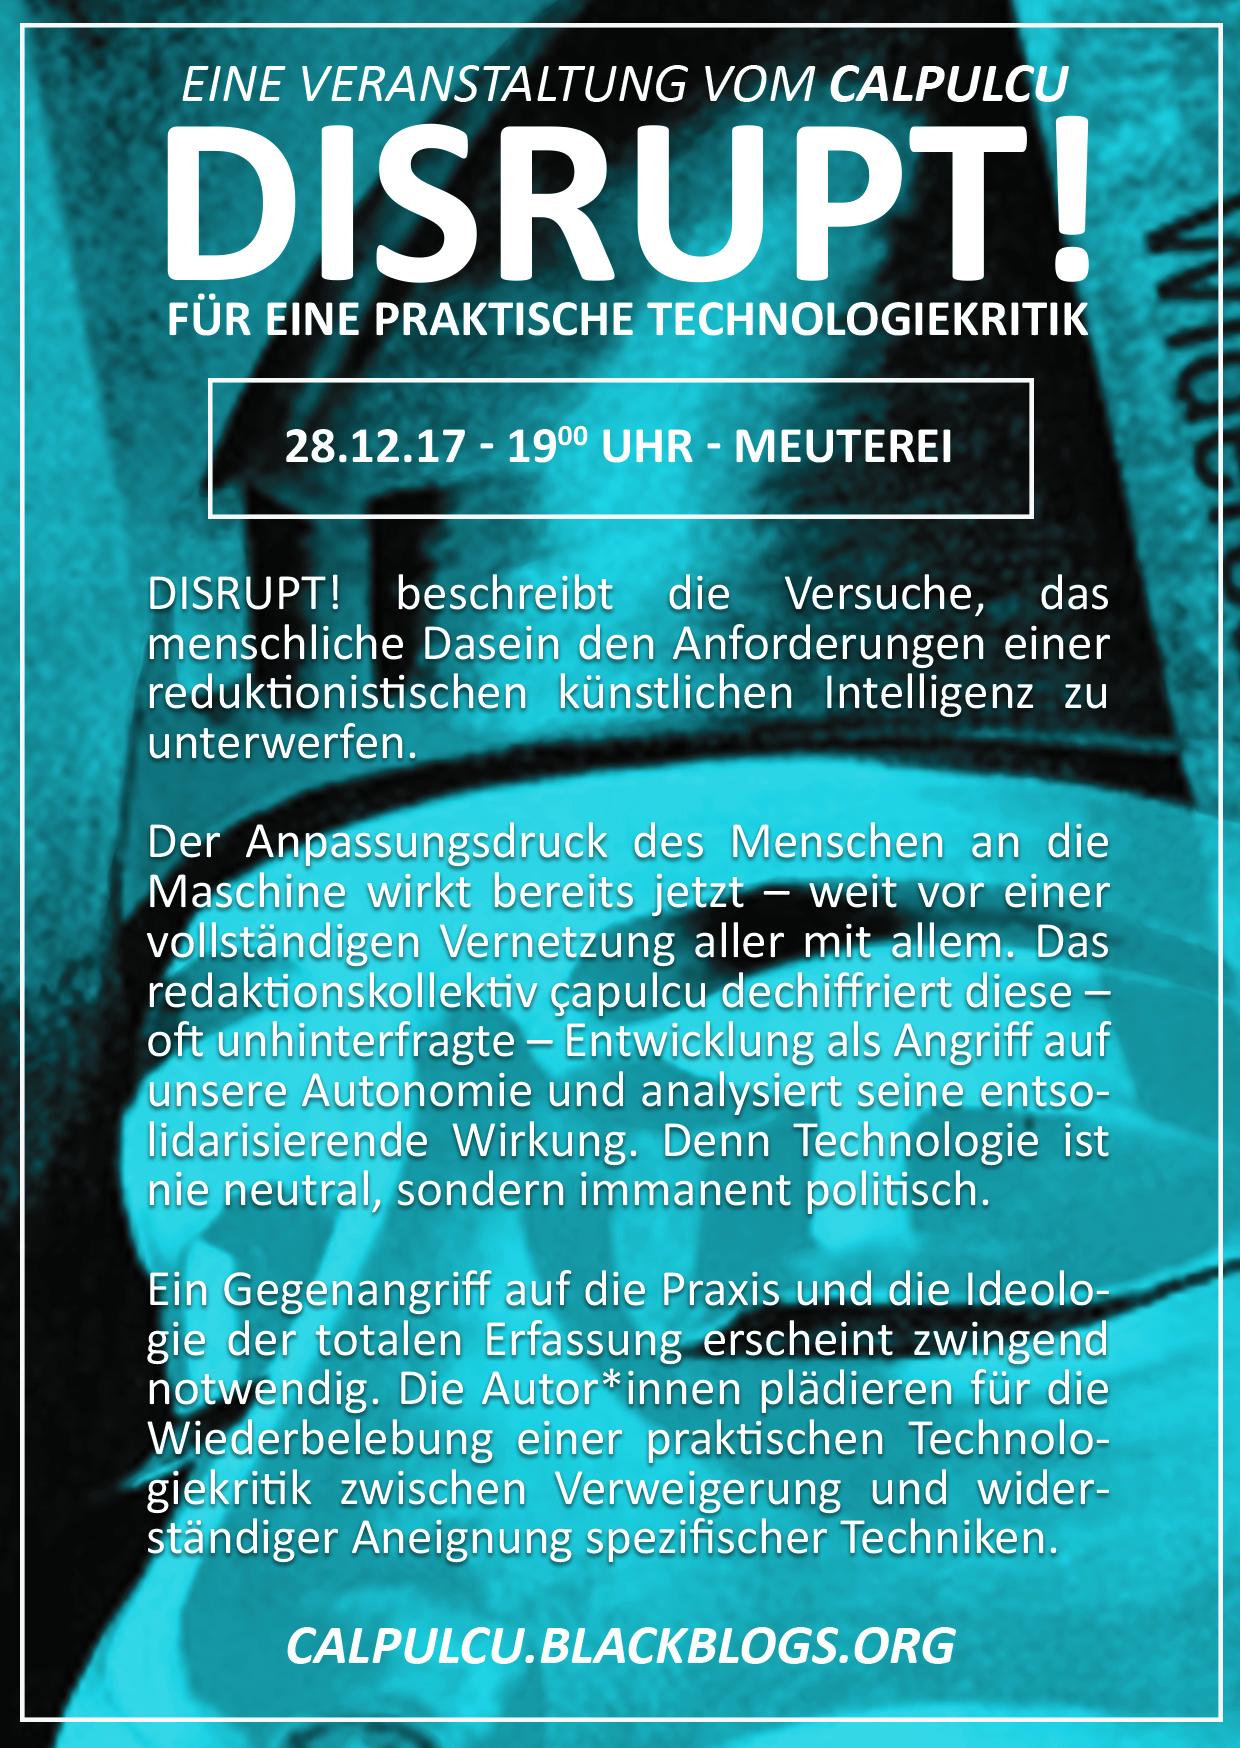 28.12] DISRUPT! – für eine praktische Technologiekritik « meuterei